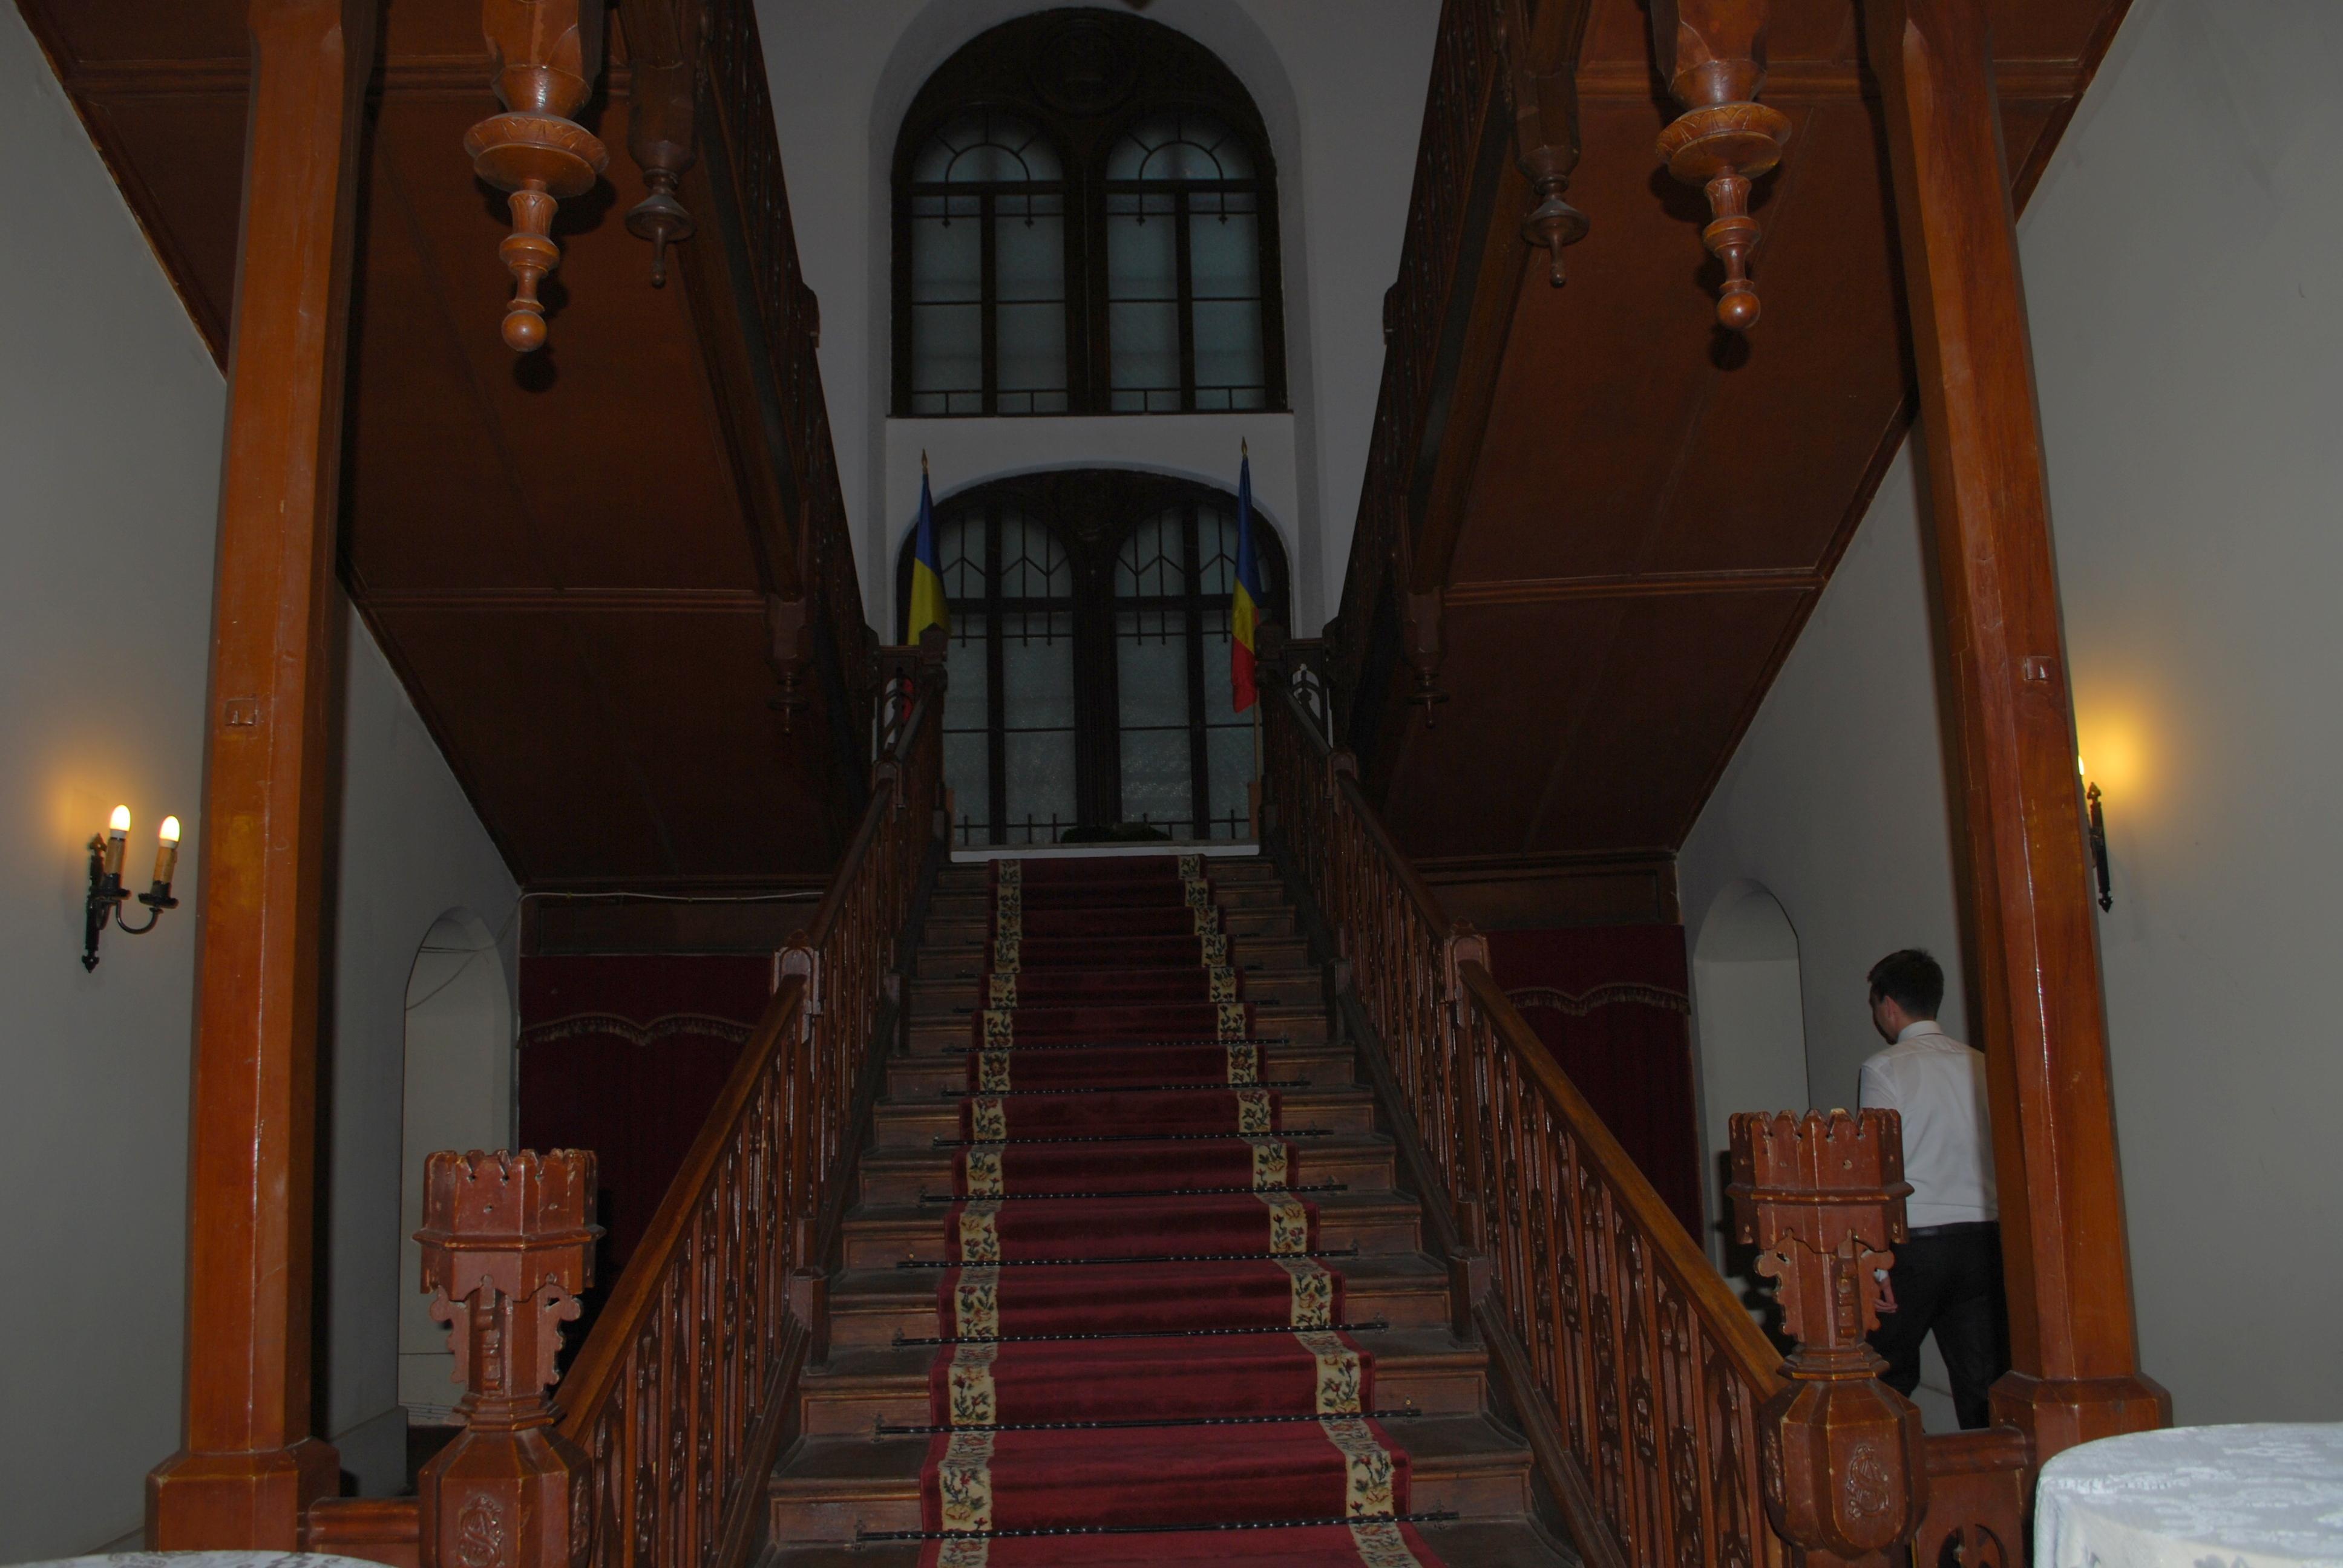 palatul stirbei 2